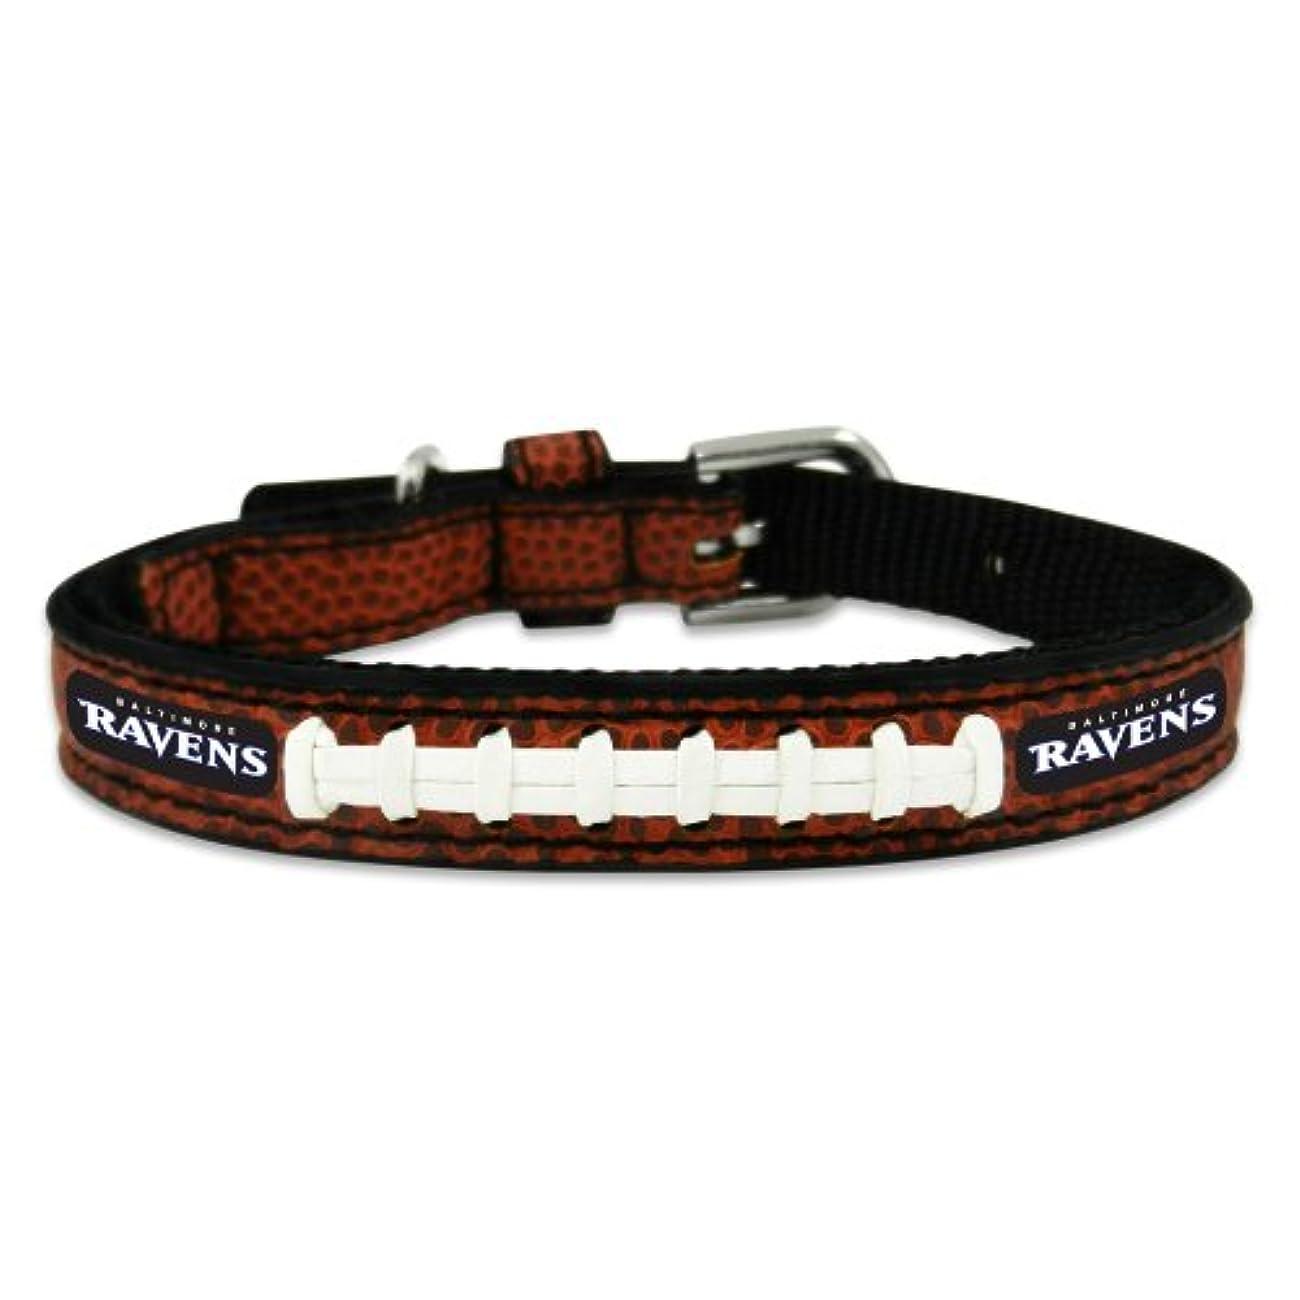 独占革命迷惑Baltimore Ravens Classic Leather Toy Football Collar